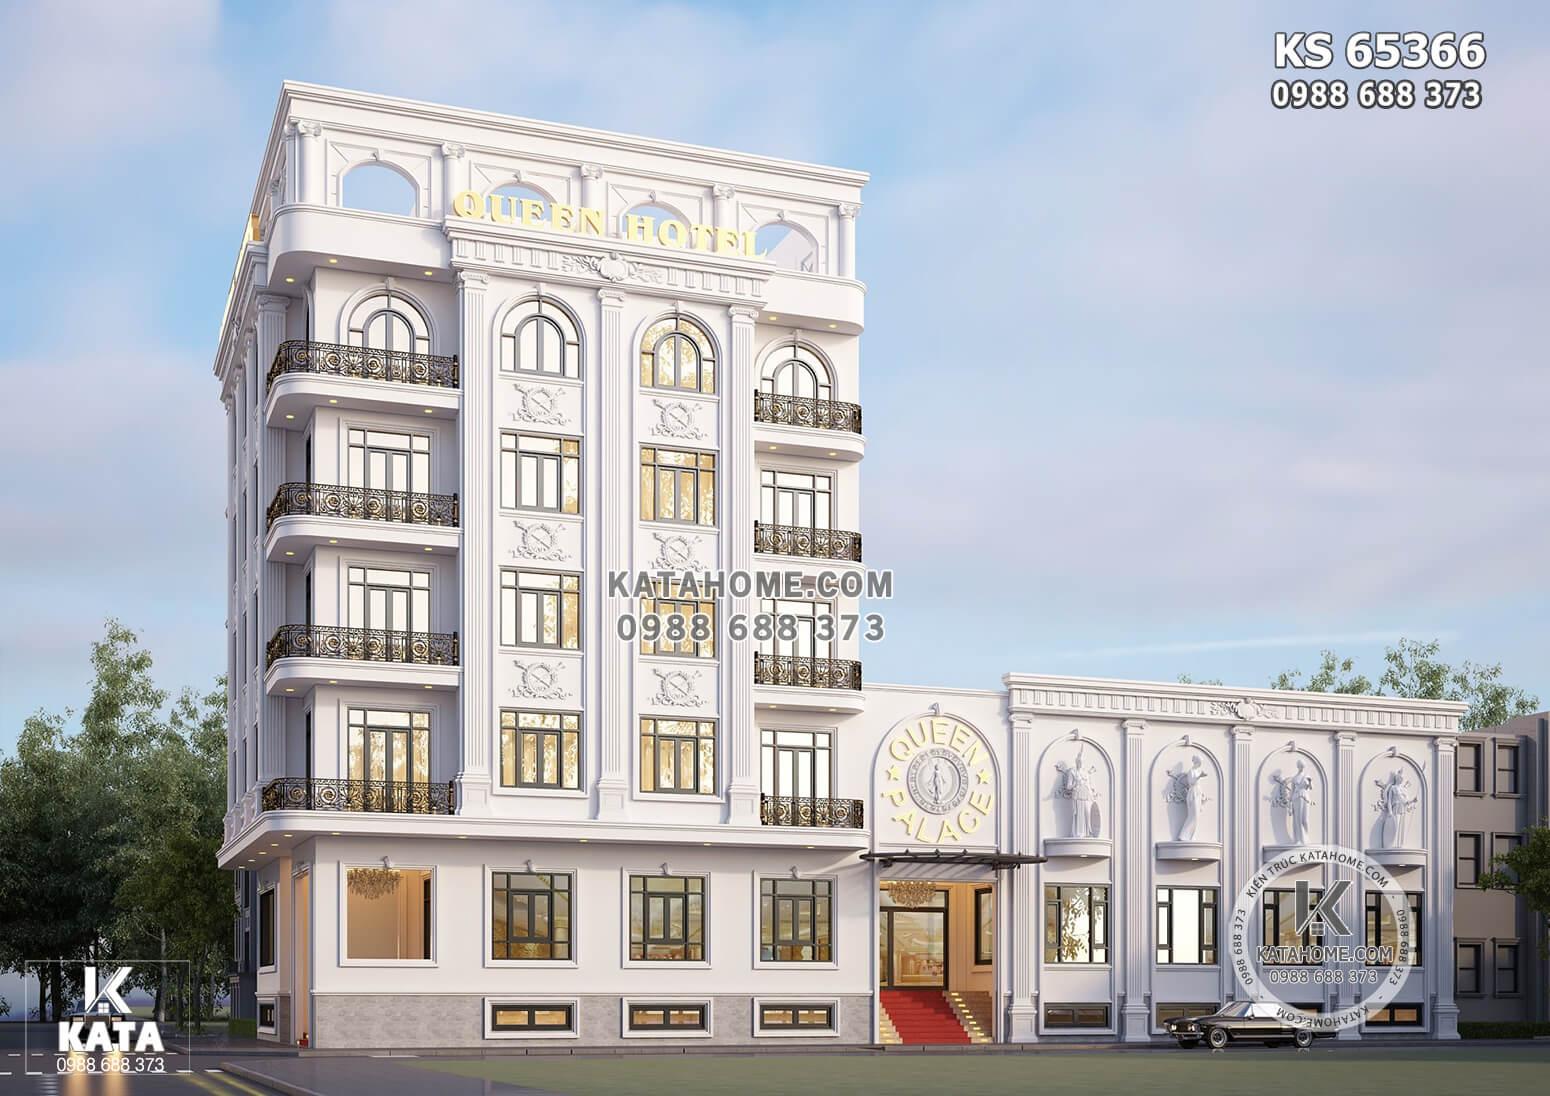 Nét đẹp xa hoa, lộng lẫy, sang trọng và đẳng cấp của mẫu thiết kế tòa nhà kinh doanh phong cách Pháp - Châu Âu